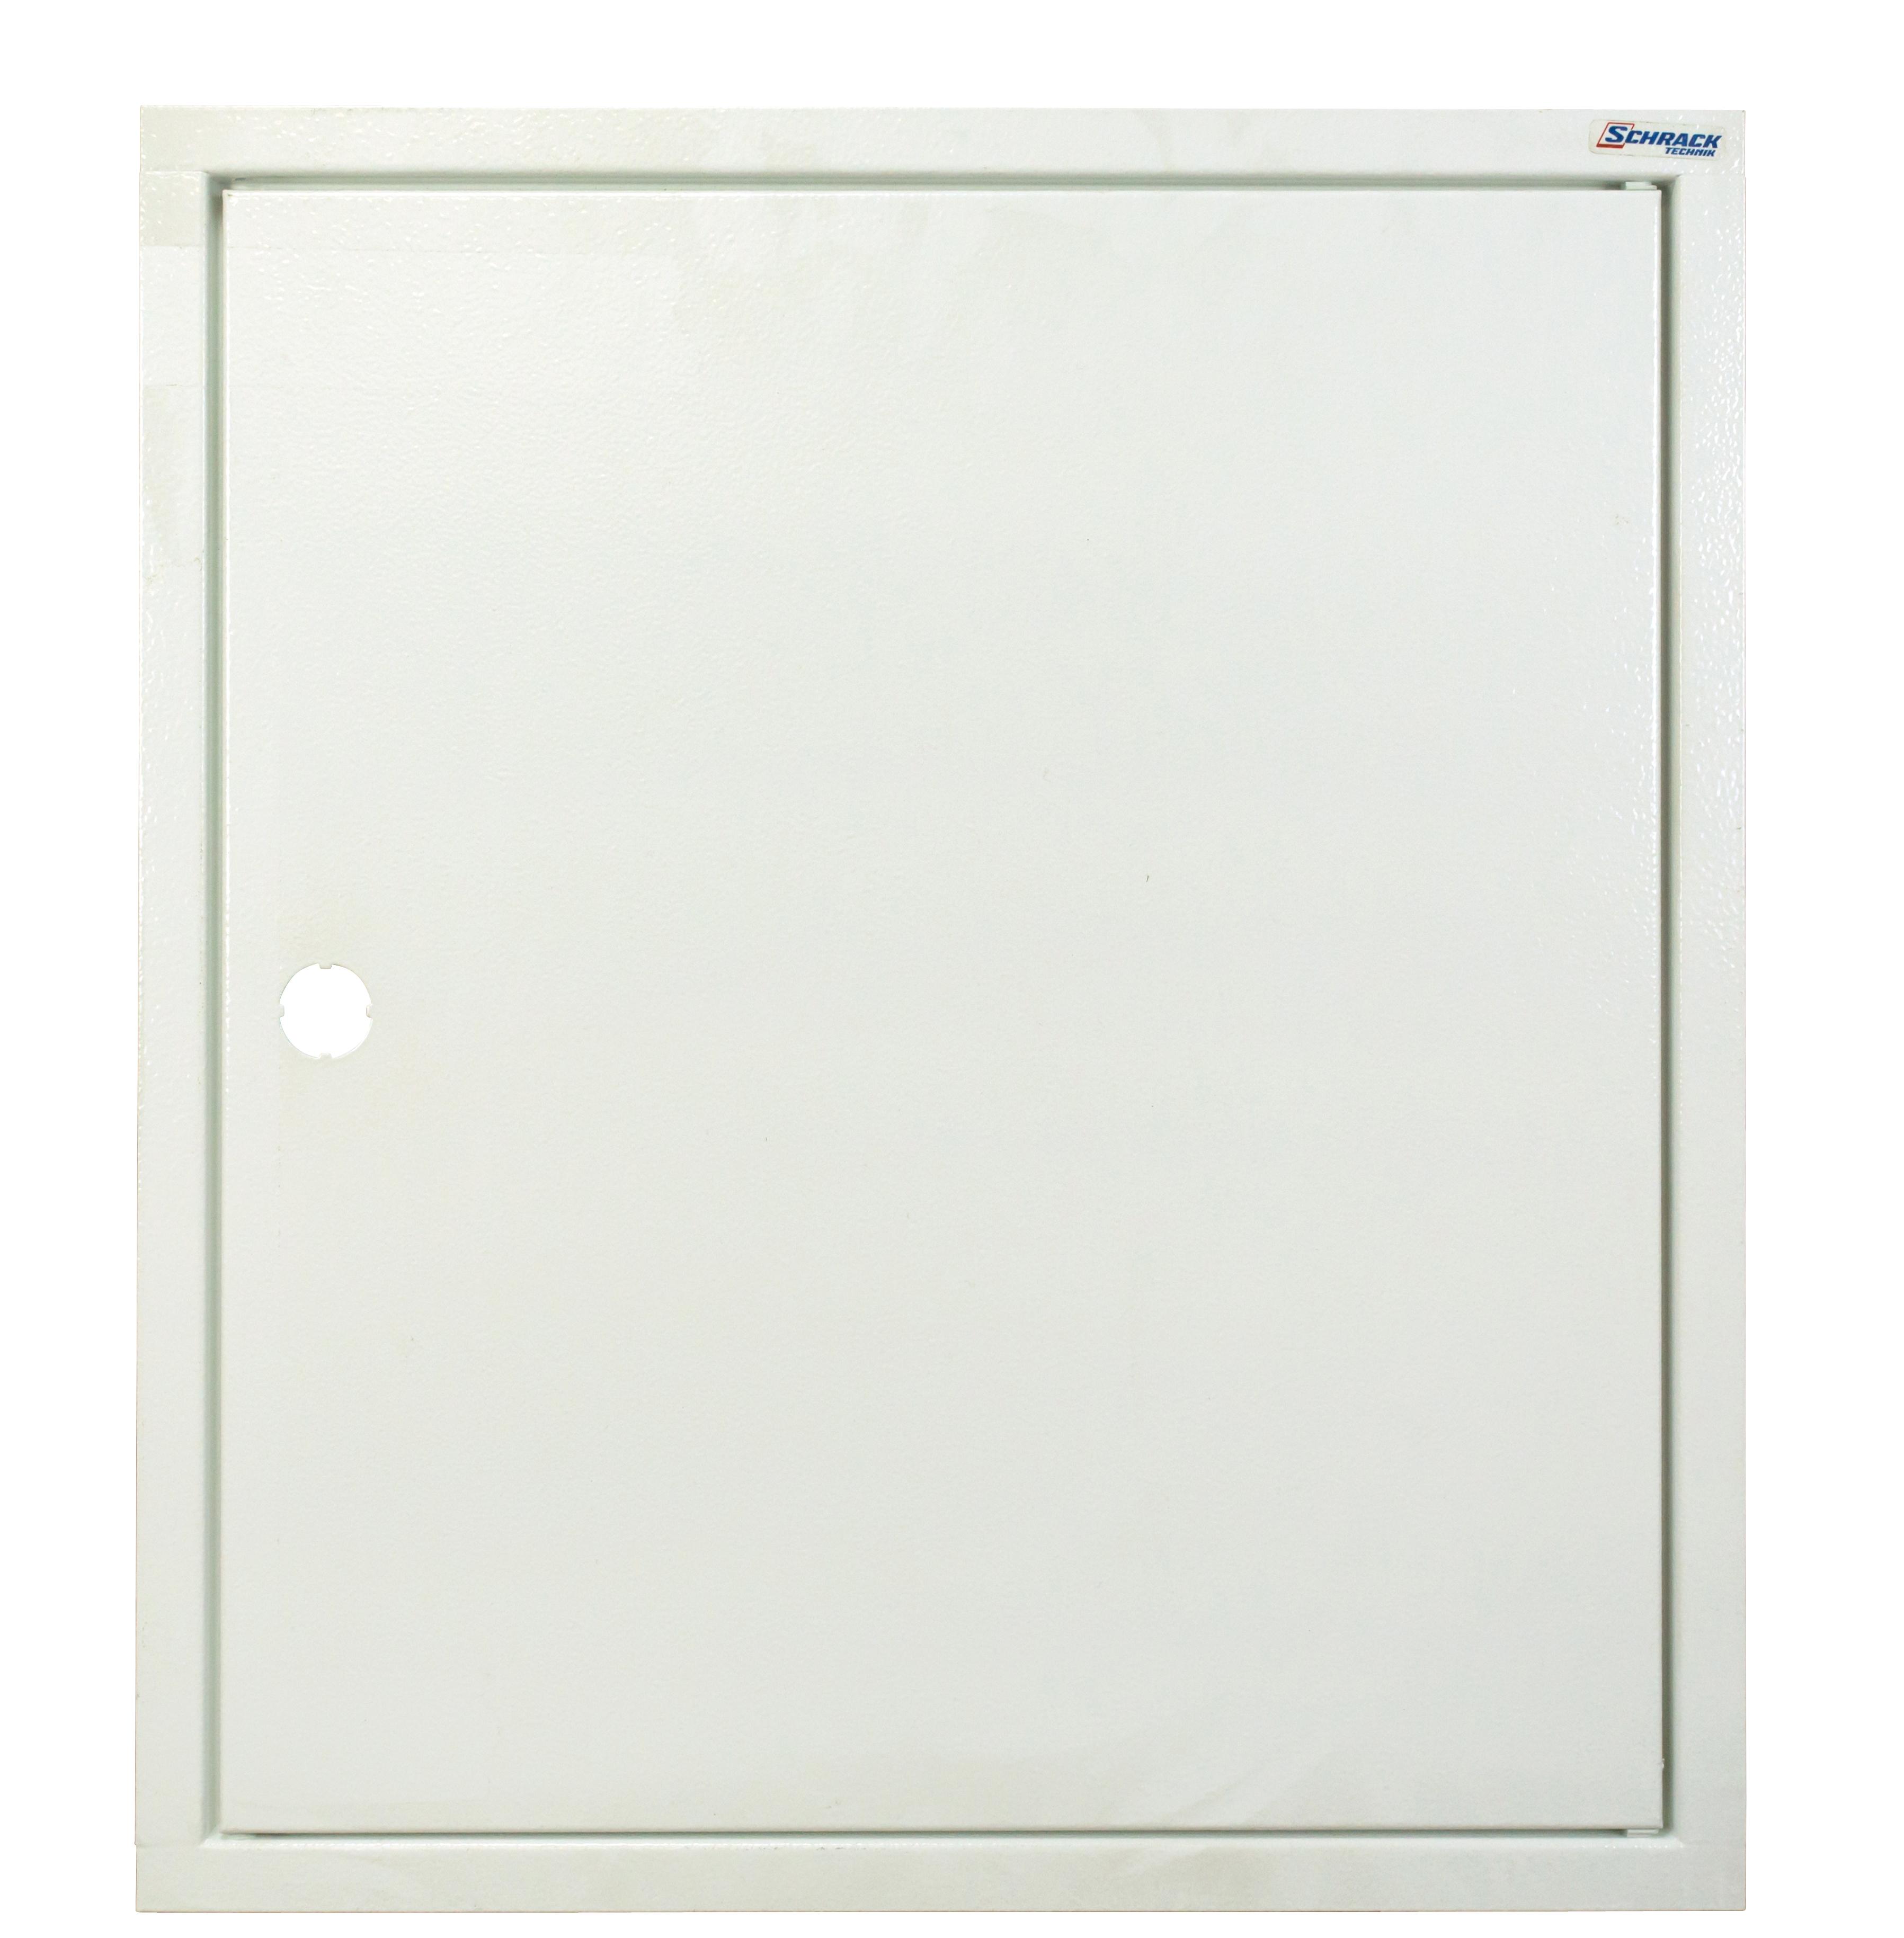 1 Stk Unterputz-Rahmen mit Türe 2U-24 flach, H1195B590T100mm IL012224-F